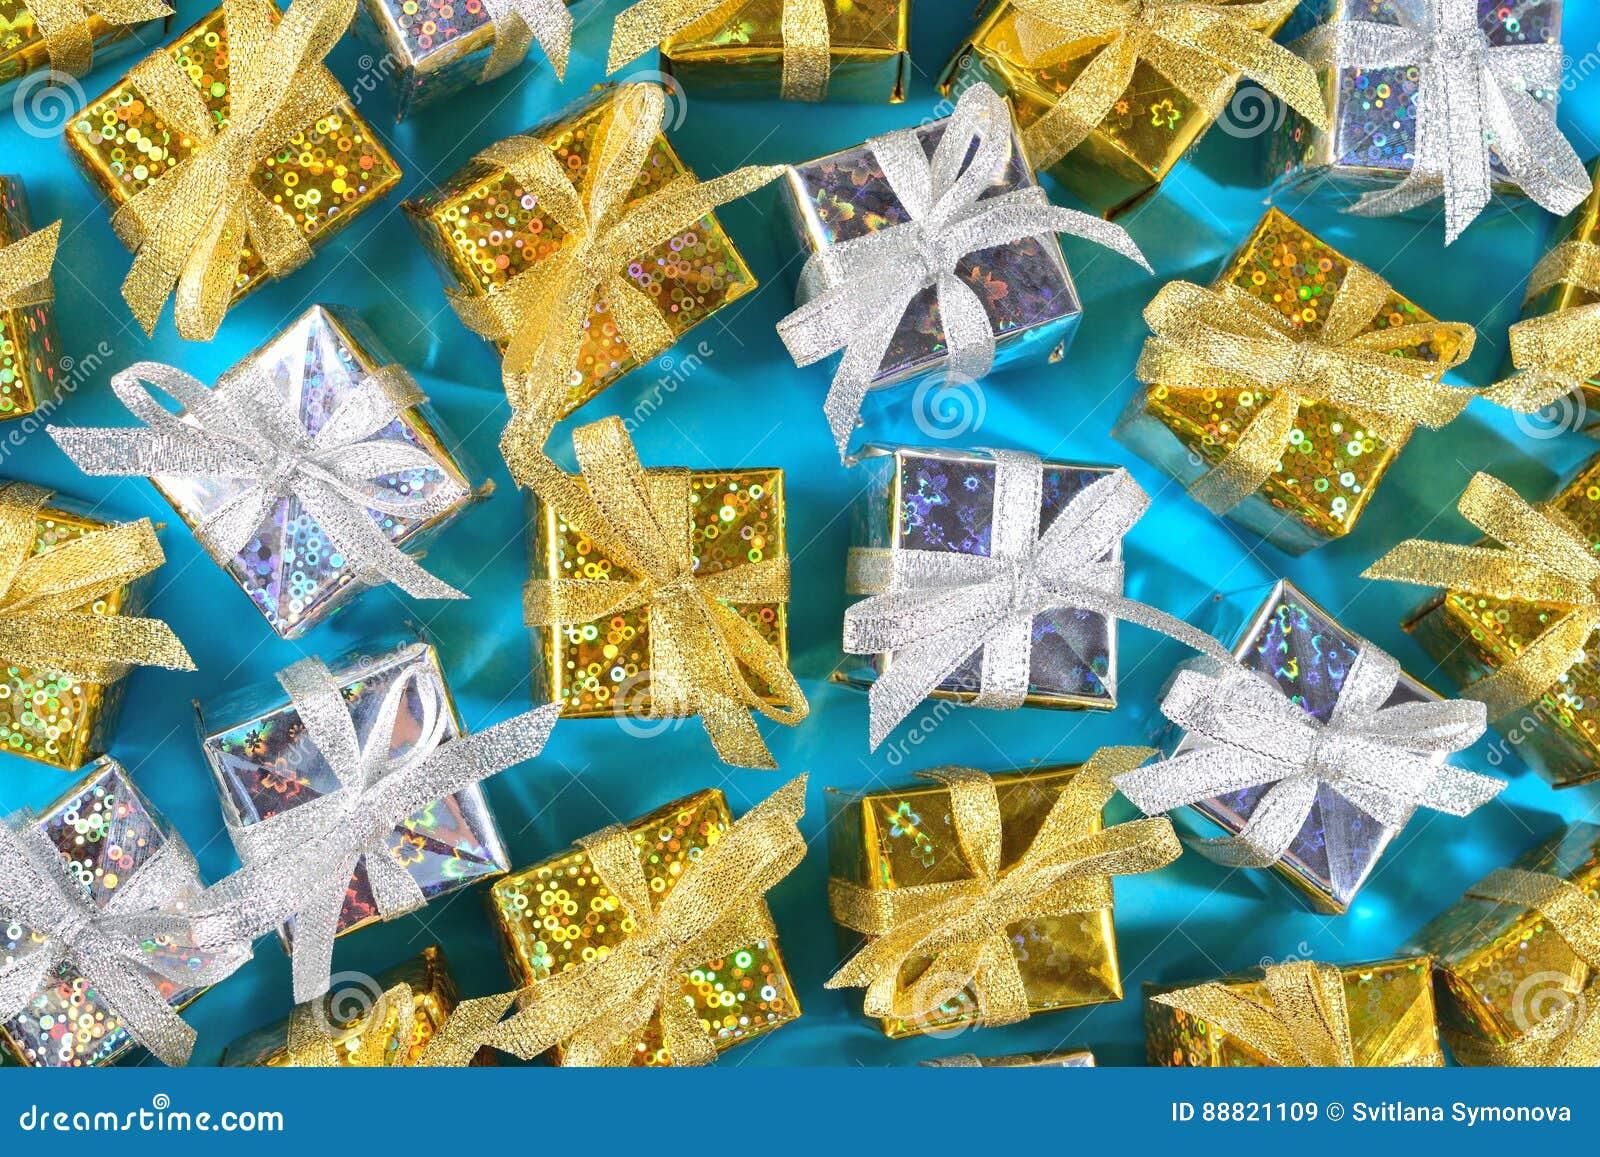 Ideia superior do close-up dourado e de prata dos presentes em um azul